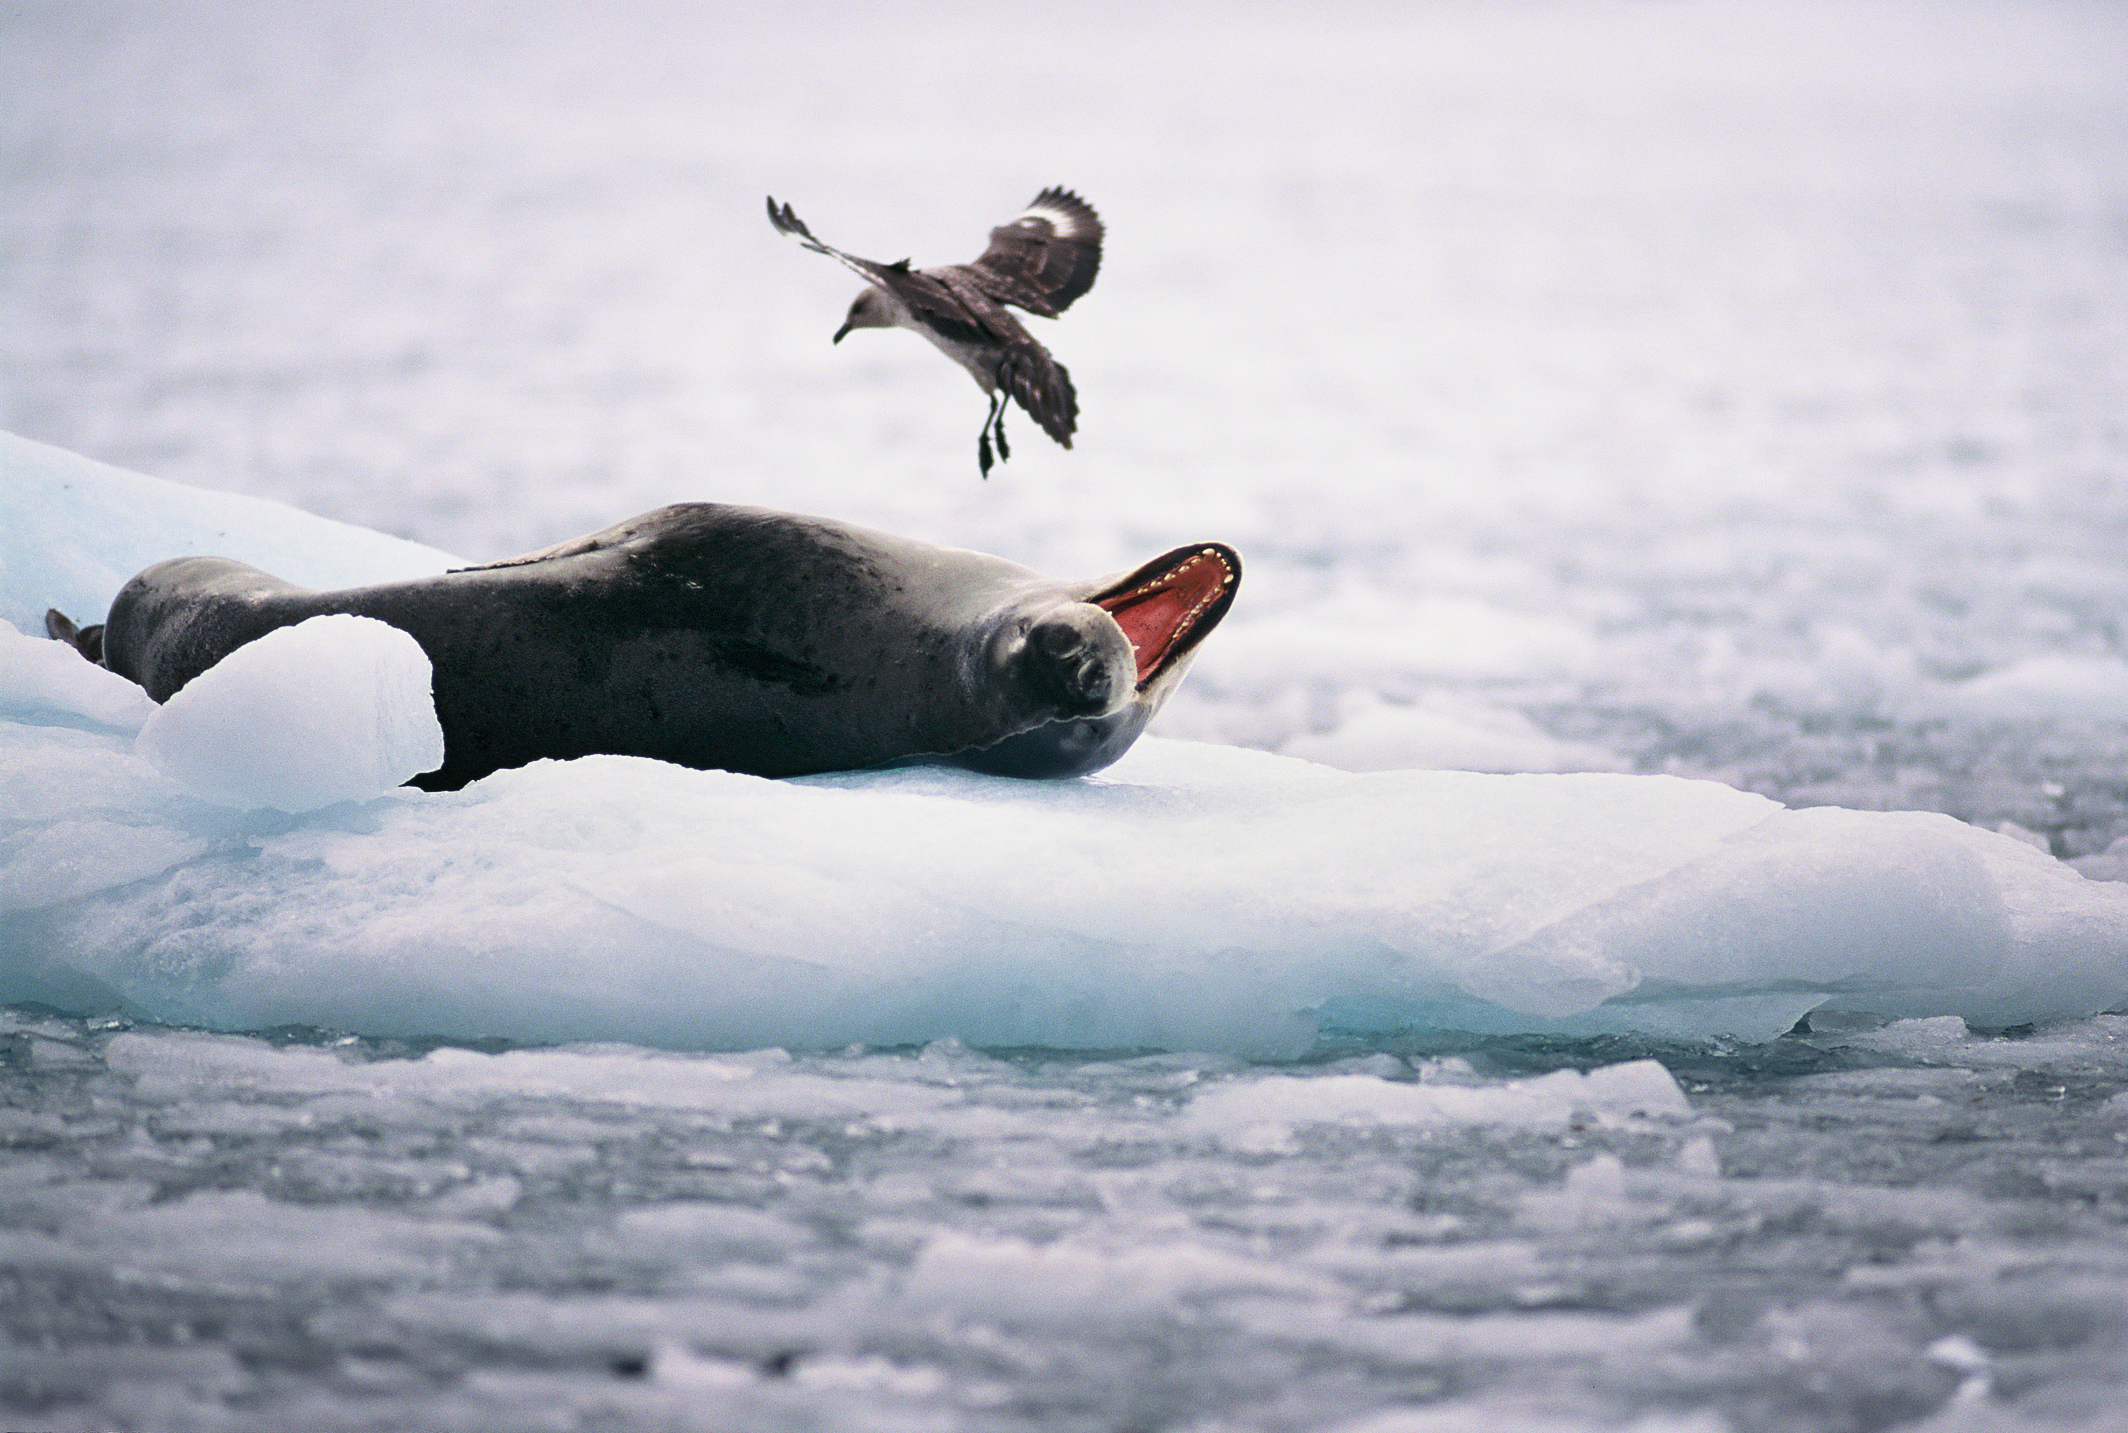 leopard-seal-hydrurga-leptonyx-and-antarctic-skua-catharacta-maccormicki-antarctic-peninsula_c7aa-2128x1433px